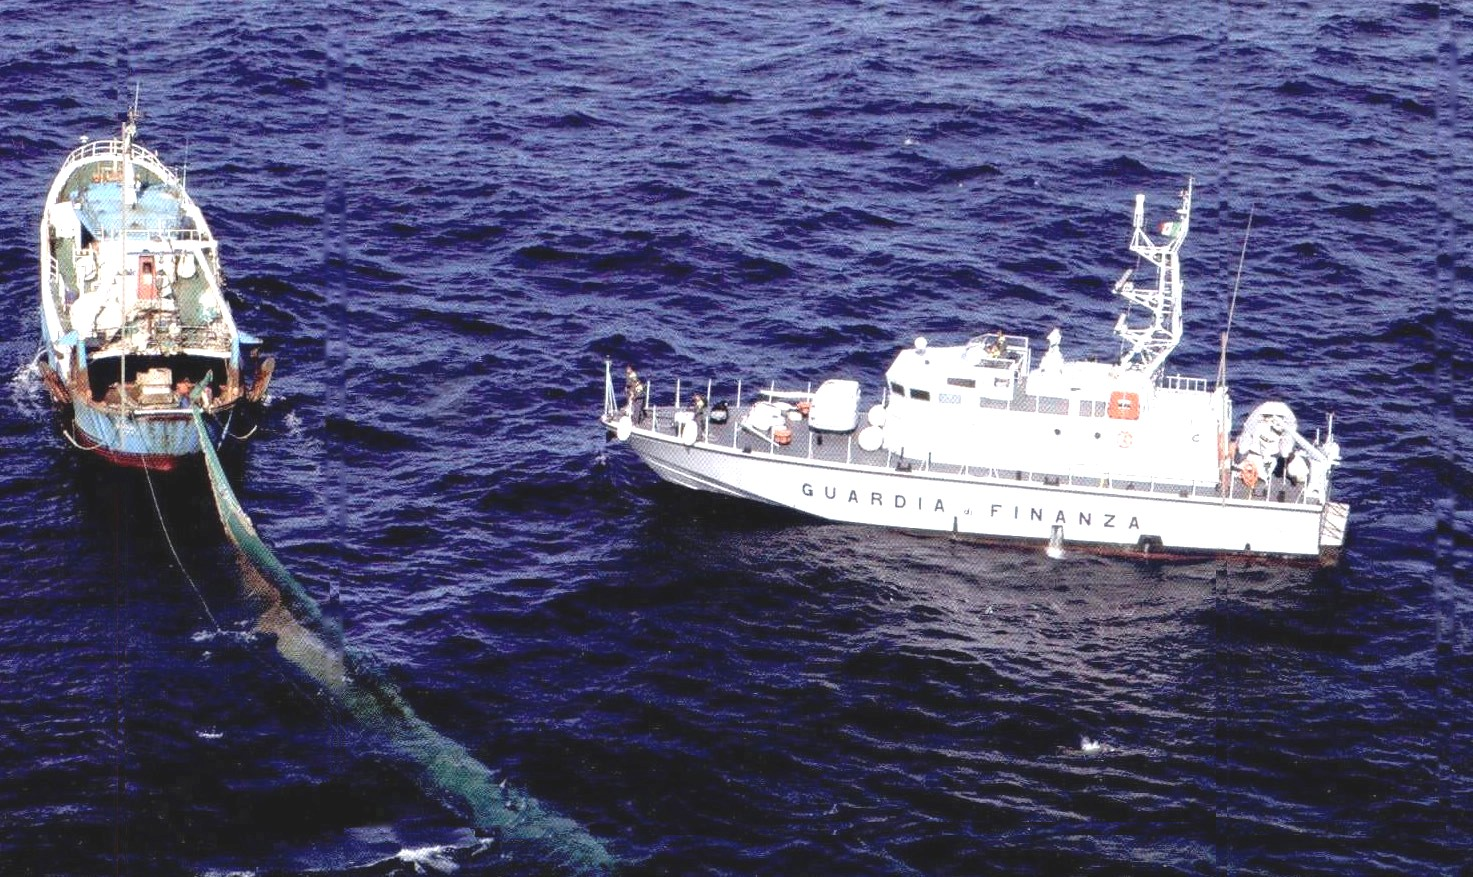 Pesca strascico, non approvata la richiesta in Parlamento Ue